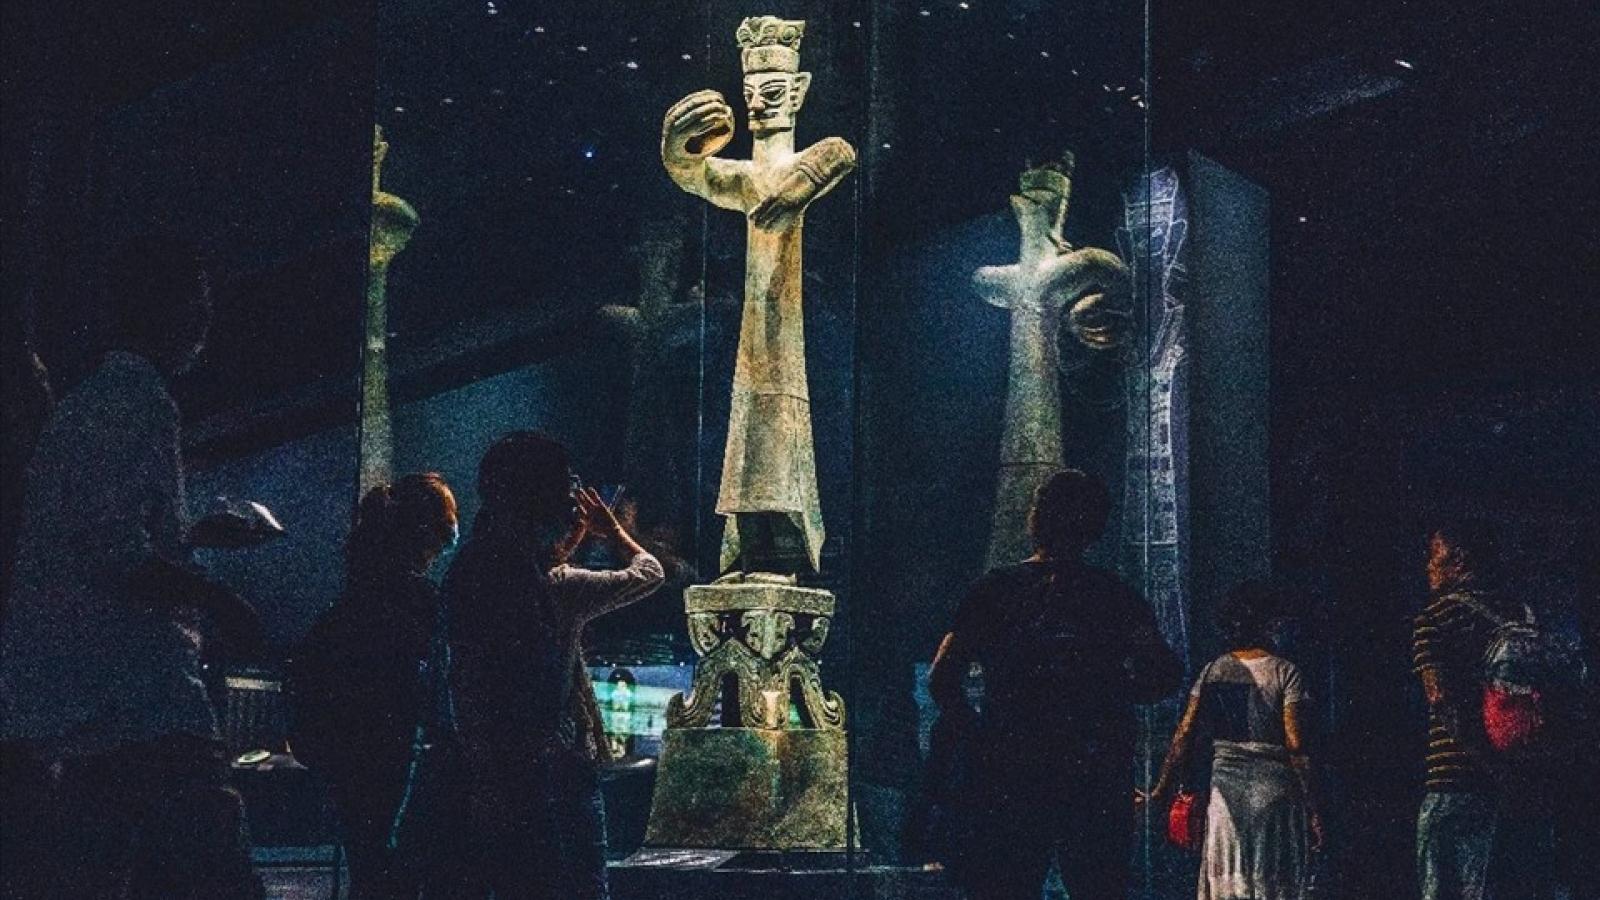 Phát hiện khảo cổ học mới tiết lộ mắt xích còn thiếu quan trọng của nền văn minh Thục cổ